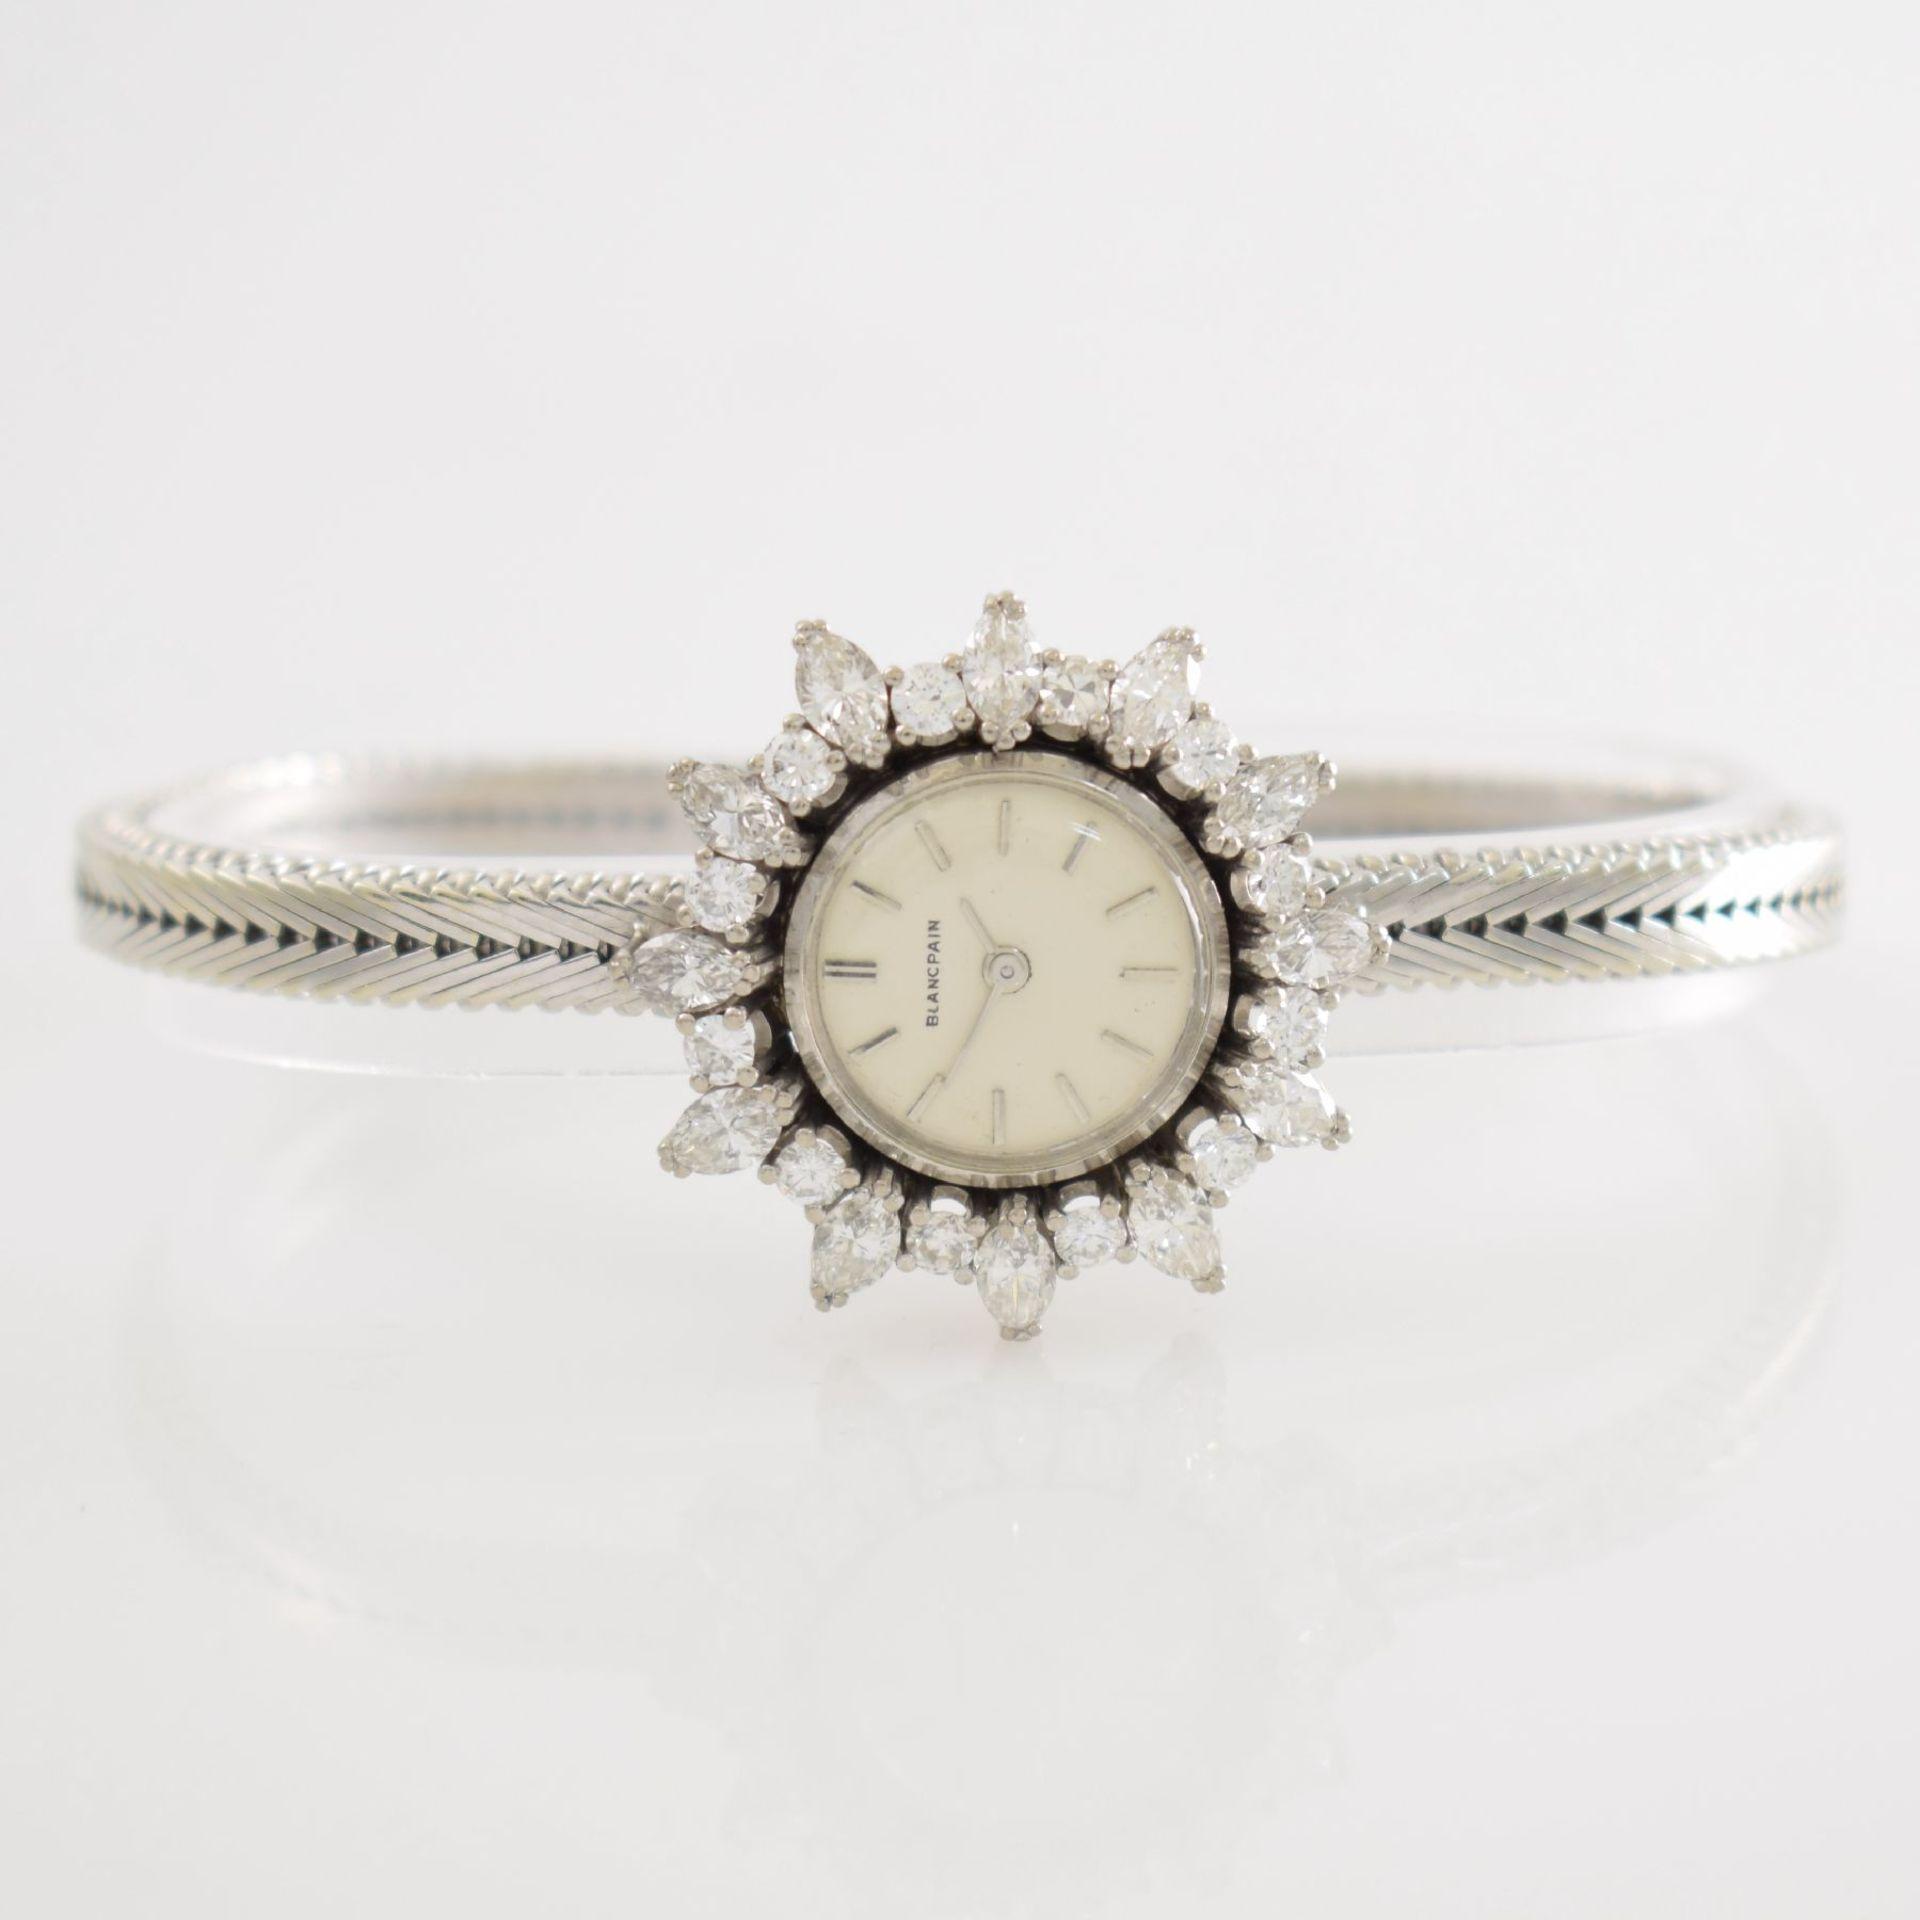 BLANCPAIN ausgefallene Damenarmbanduhr in WG 750/000 mit Diamantenbesatz zus. ca. 2,5 ct, Schweiz